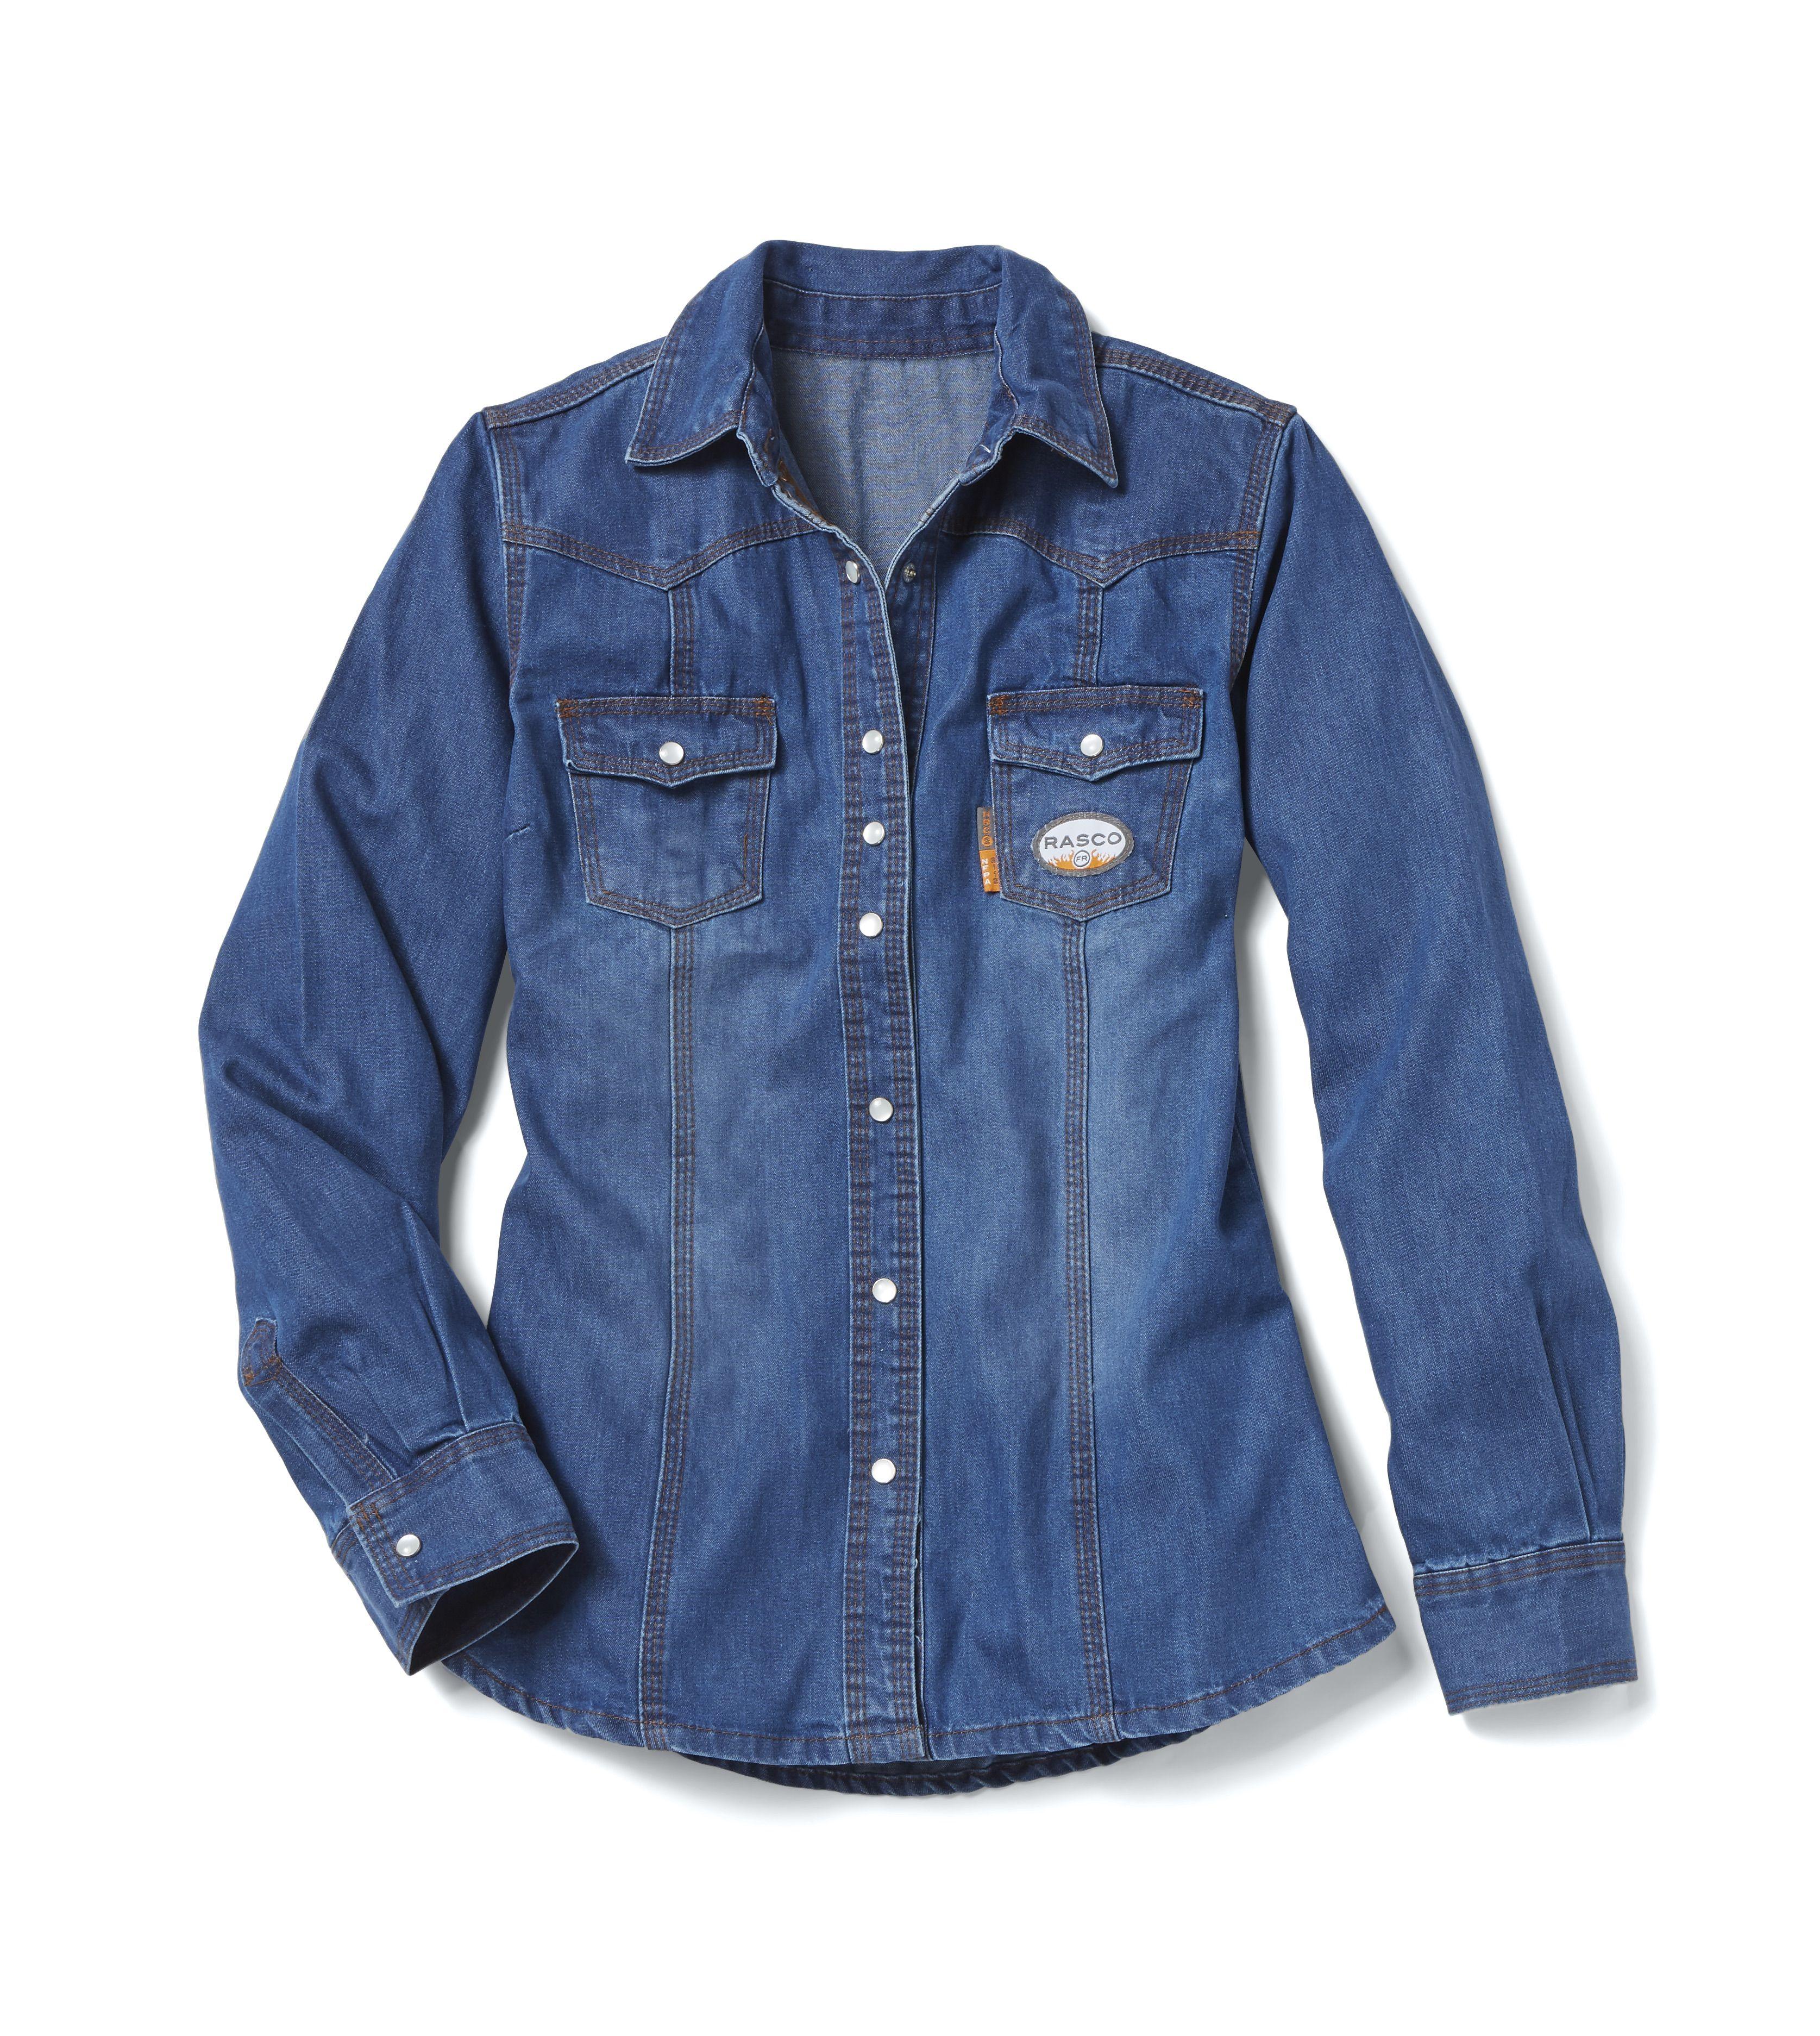 FR Women's Denim Shirt-Rasco FR